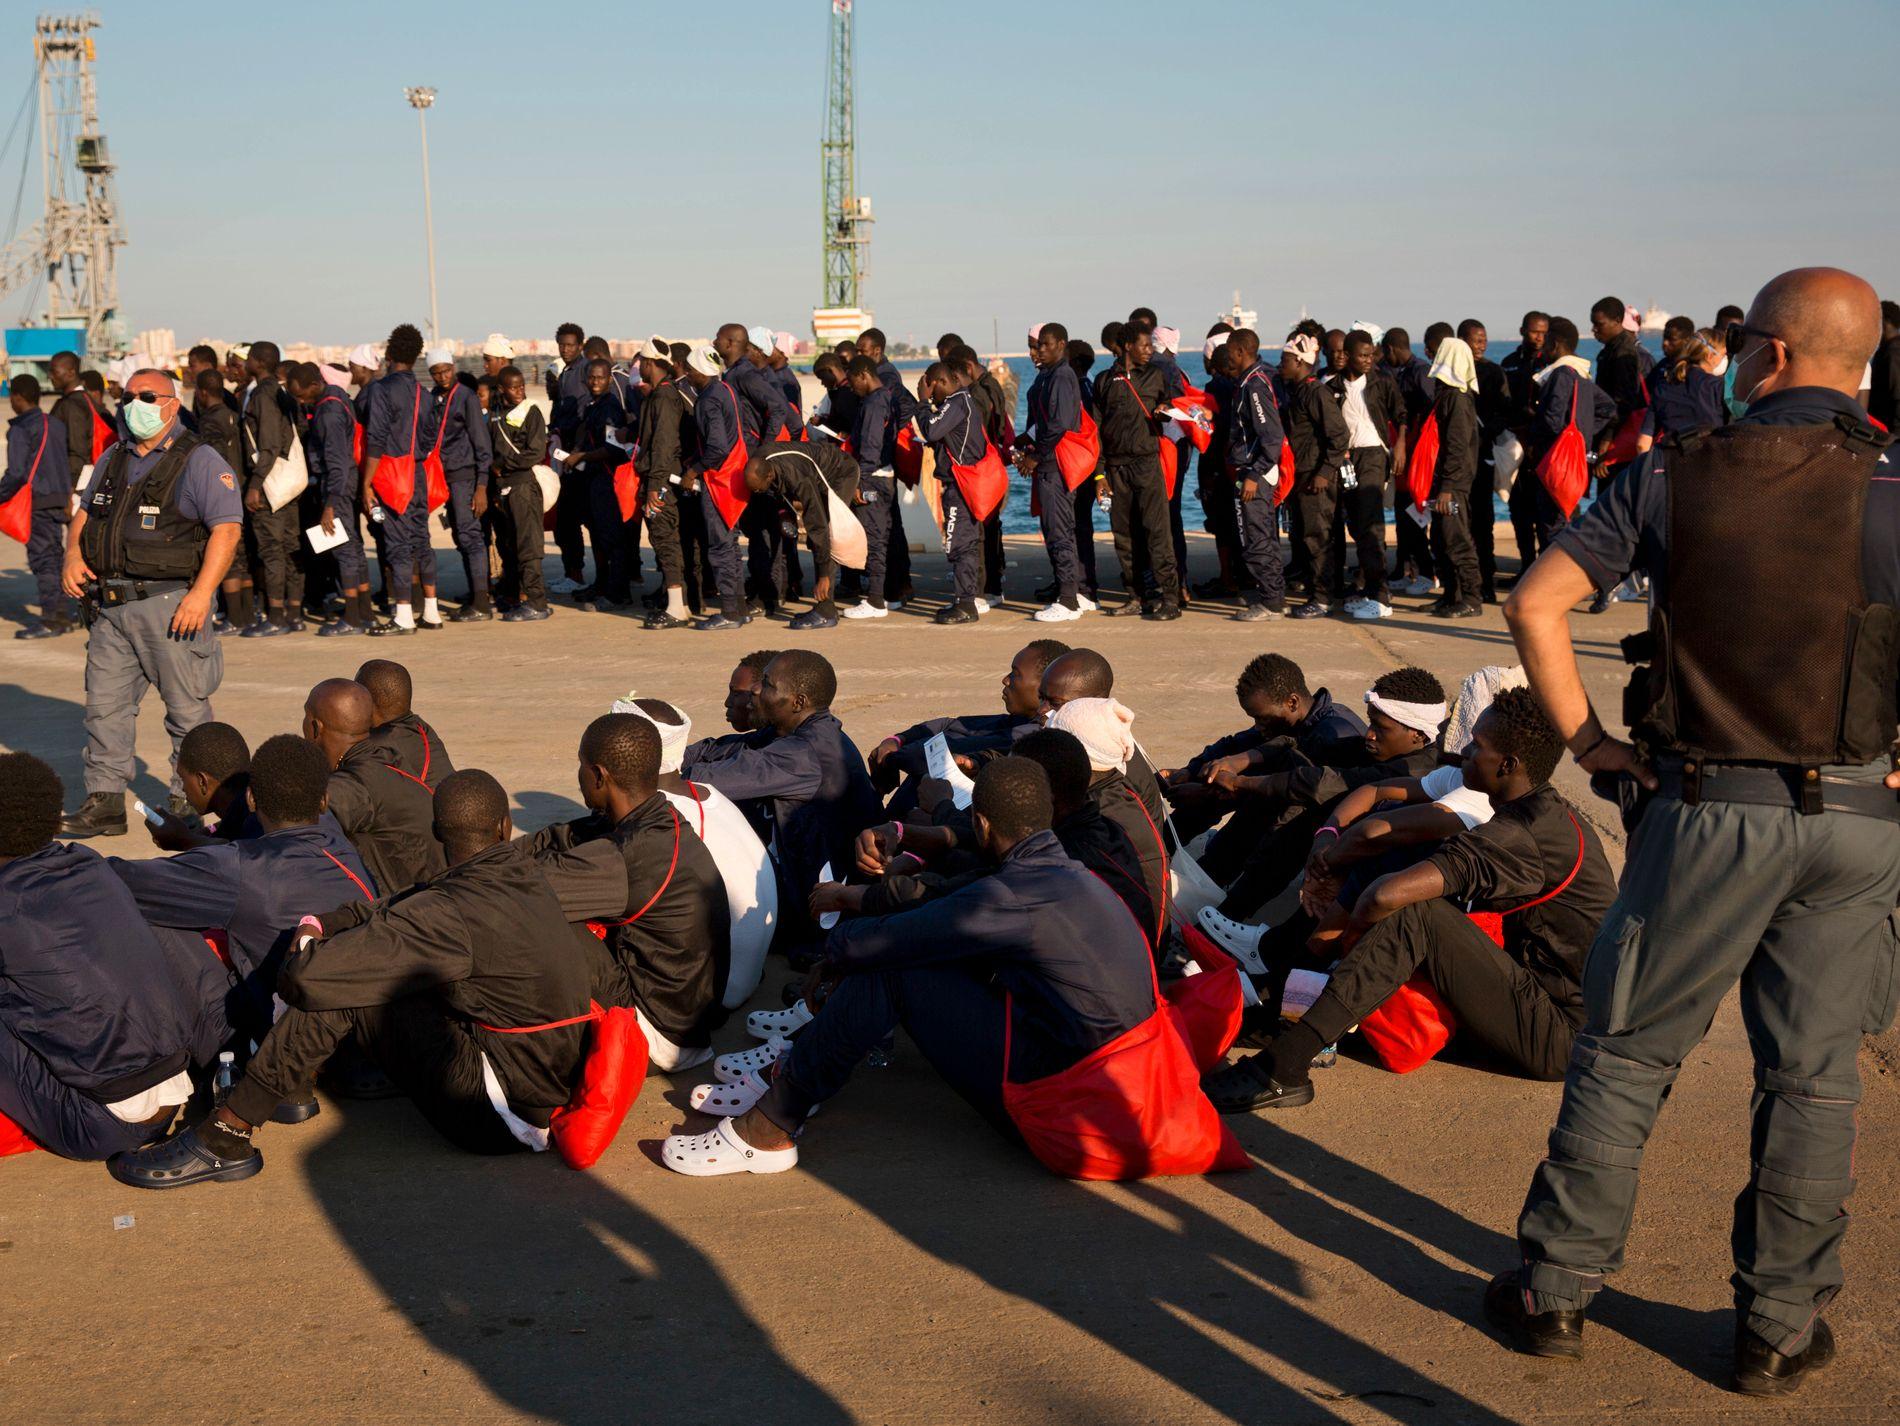 JUNI 2017: Italiensk grensepoliti passer på en ny gruppe båtflyktninger på havnen i Augusta på Sicilia. Foto: AP